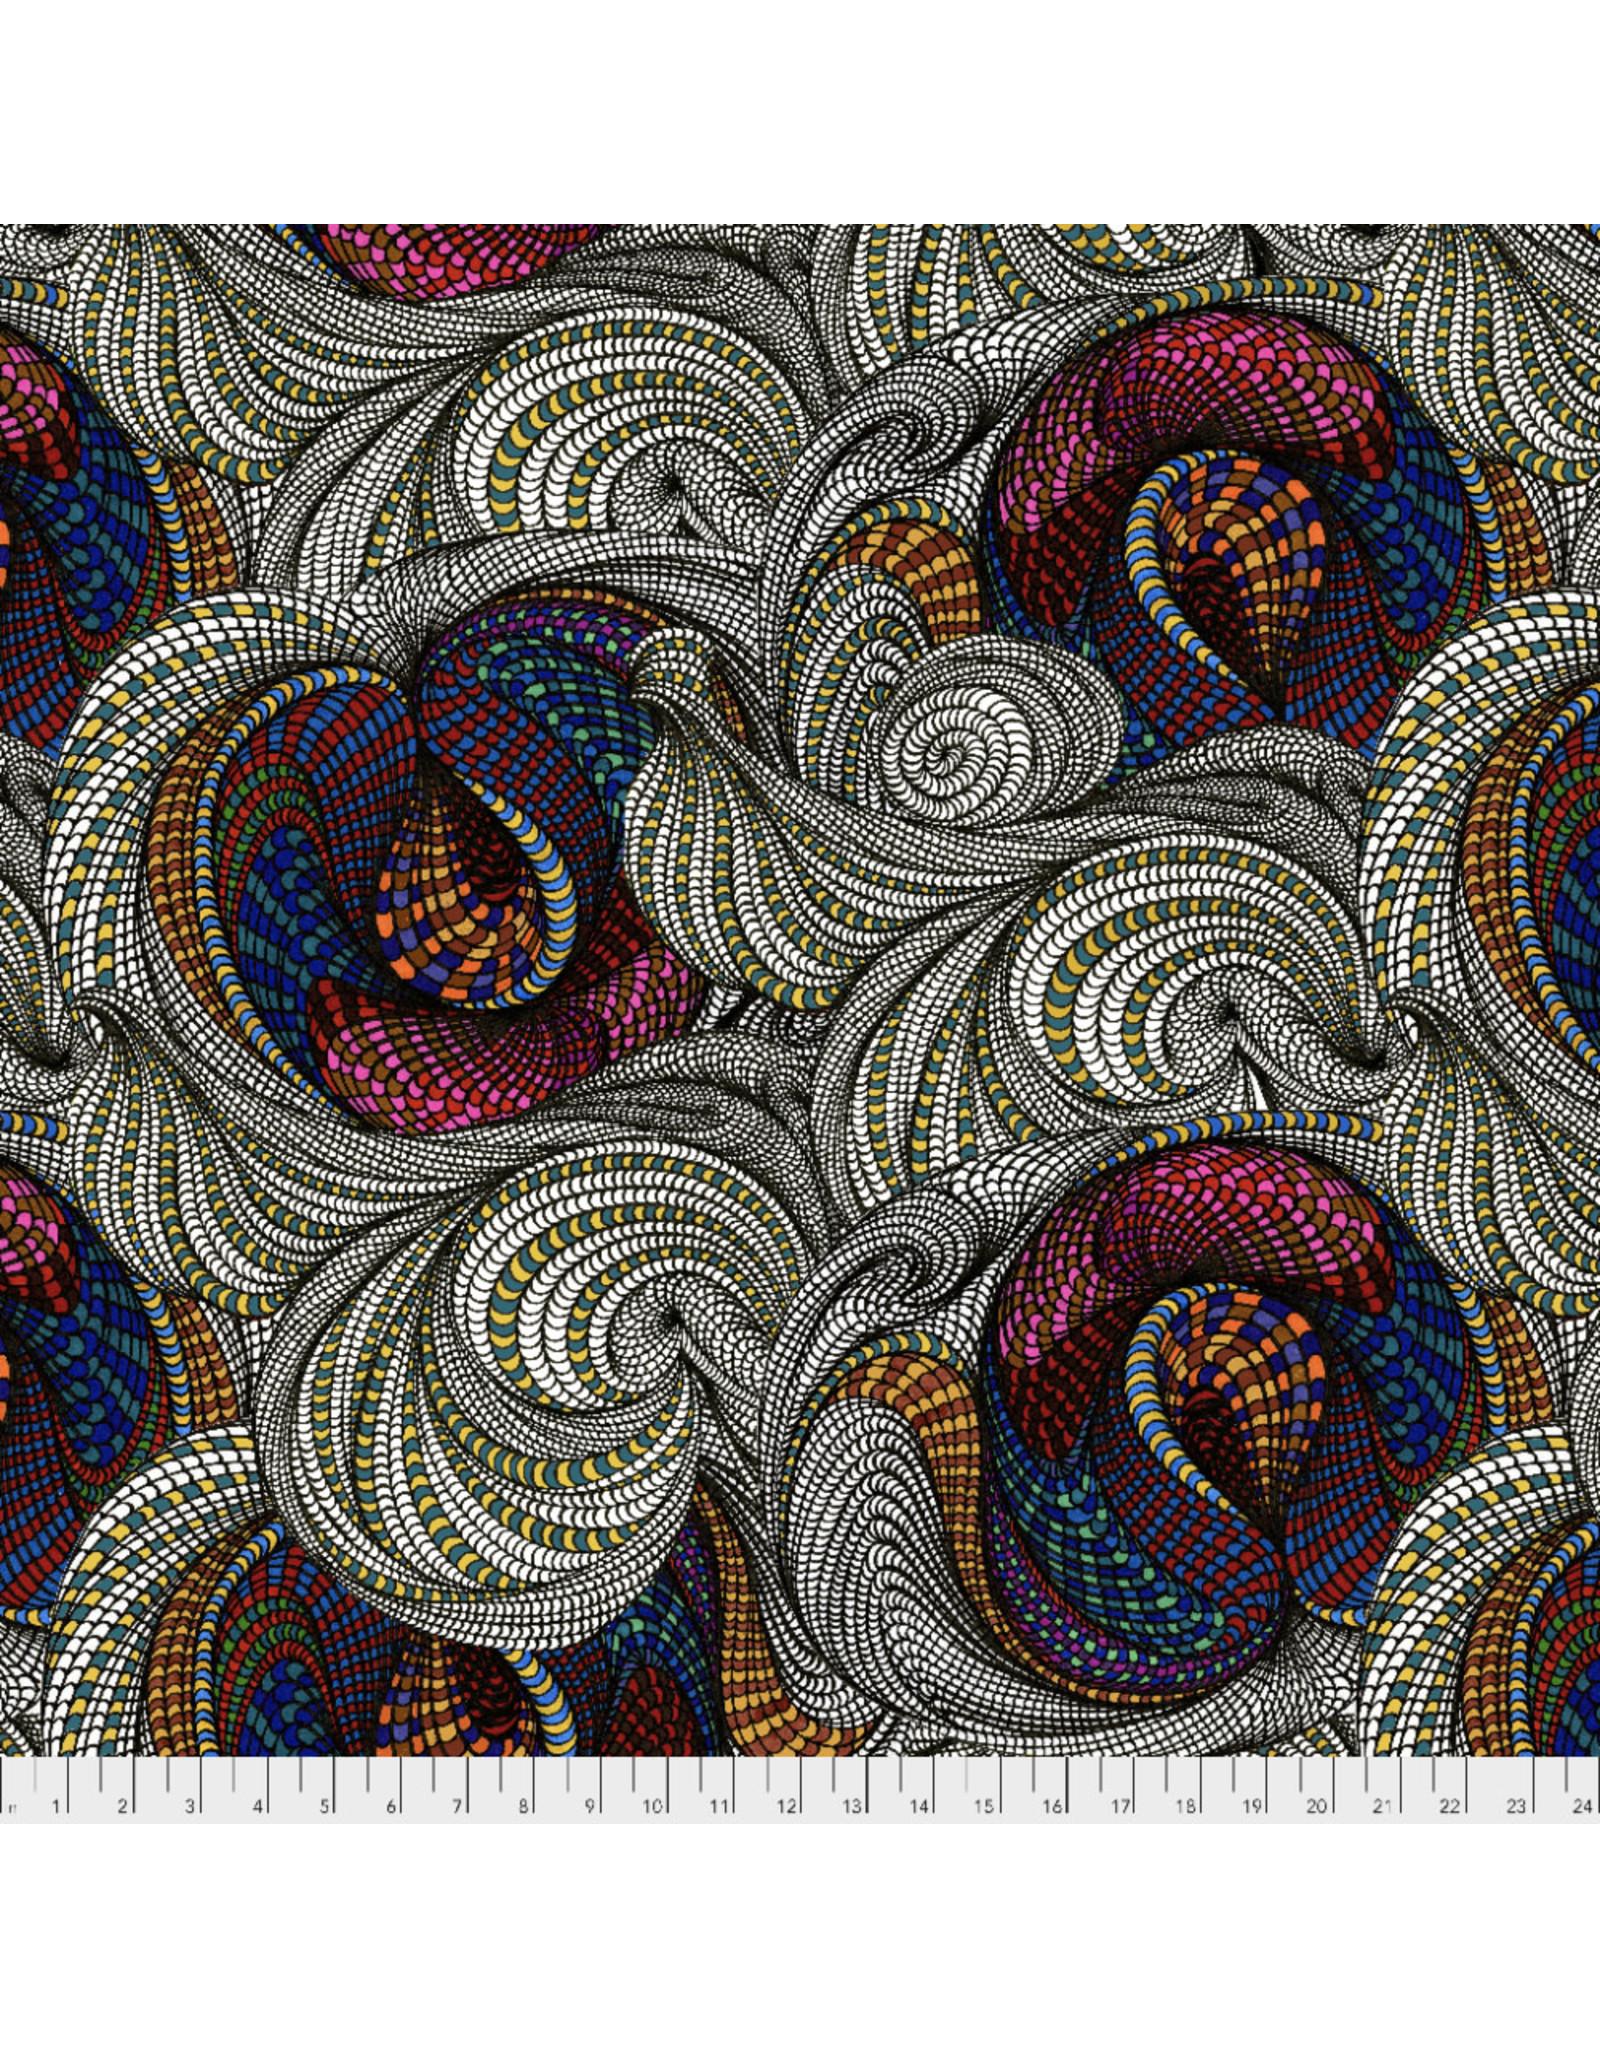 Adrienne Leban BioGeo-1, Snail Garden in Multi, Fabric Half-Yards